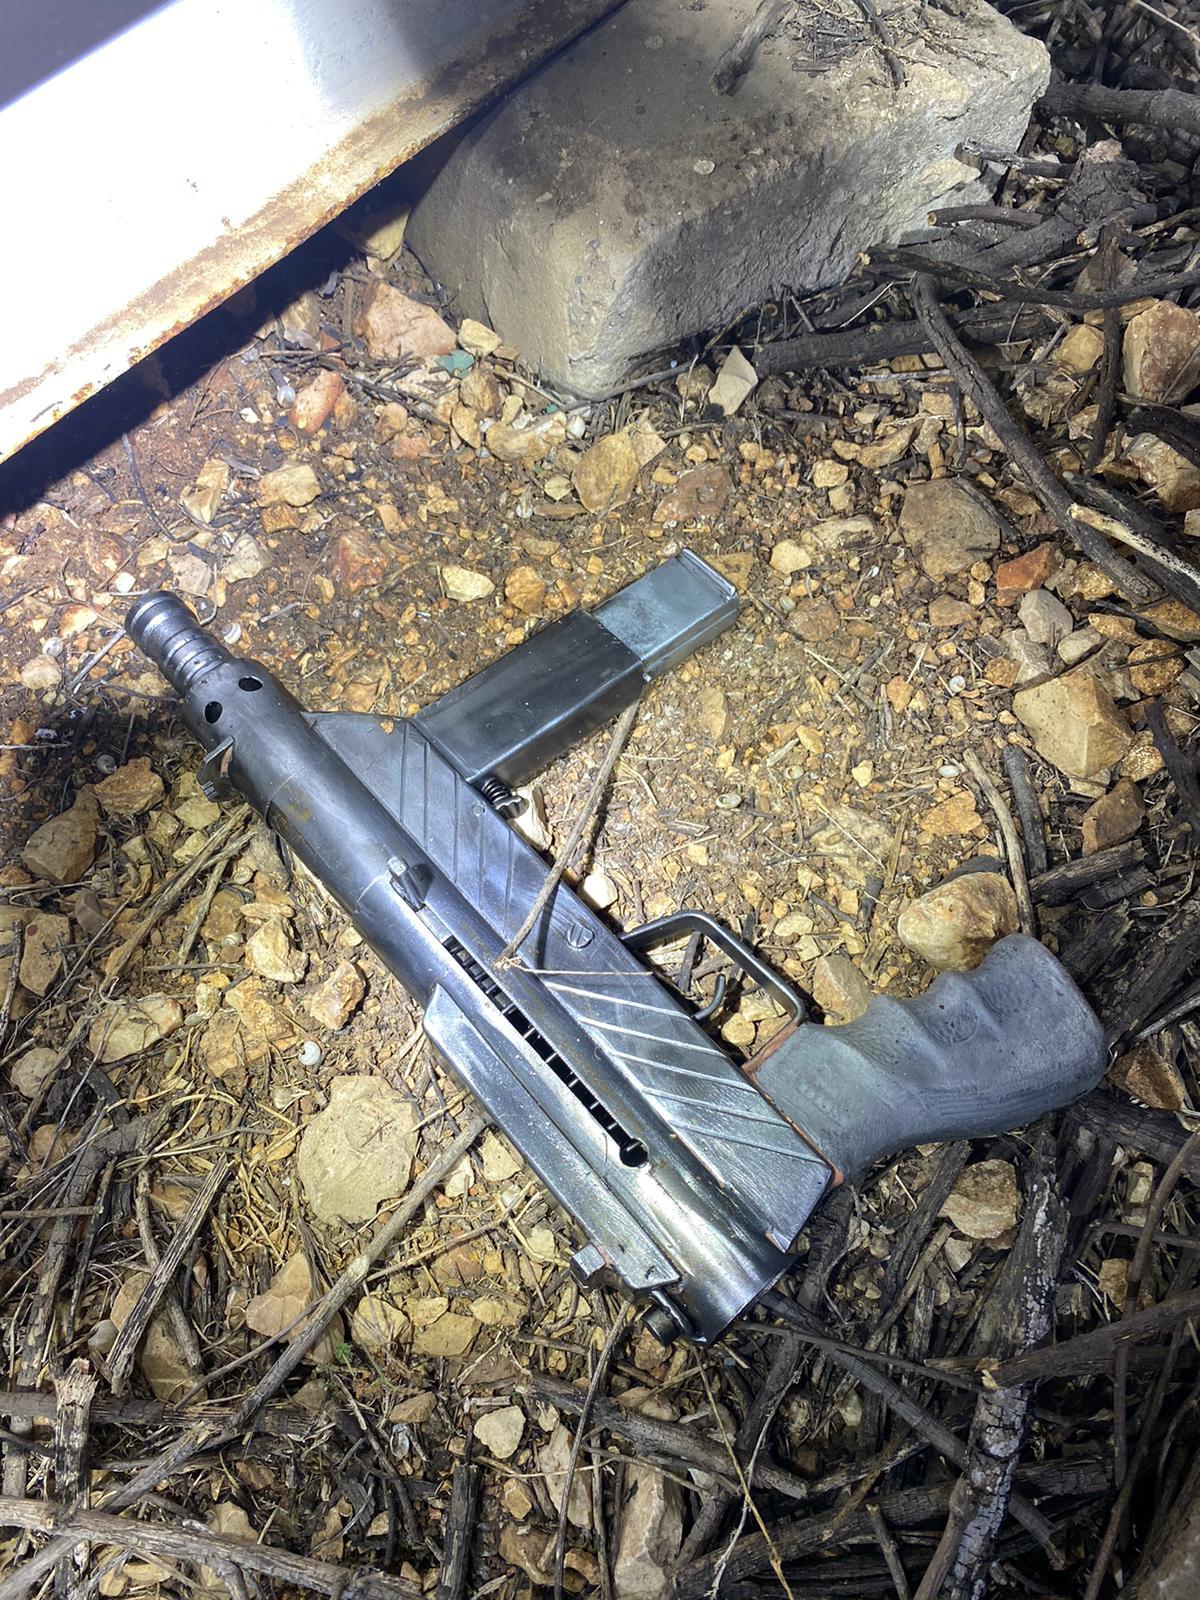 במהלך חיפוש בשטח פתוח בטובא נתפס נשק מסוג קרלו עם מחסנית בהכנס החשוד נעצר ונחקר